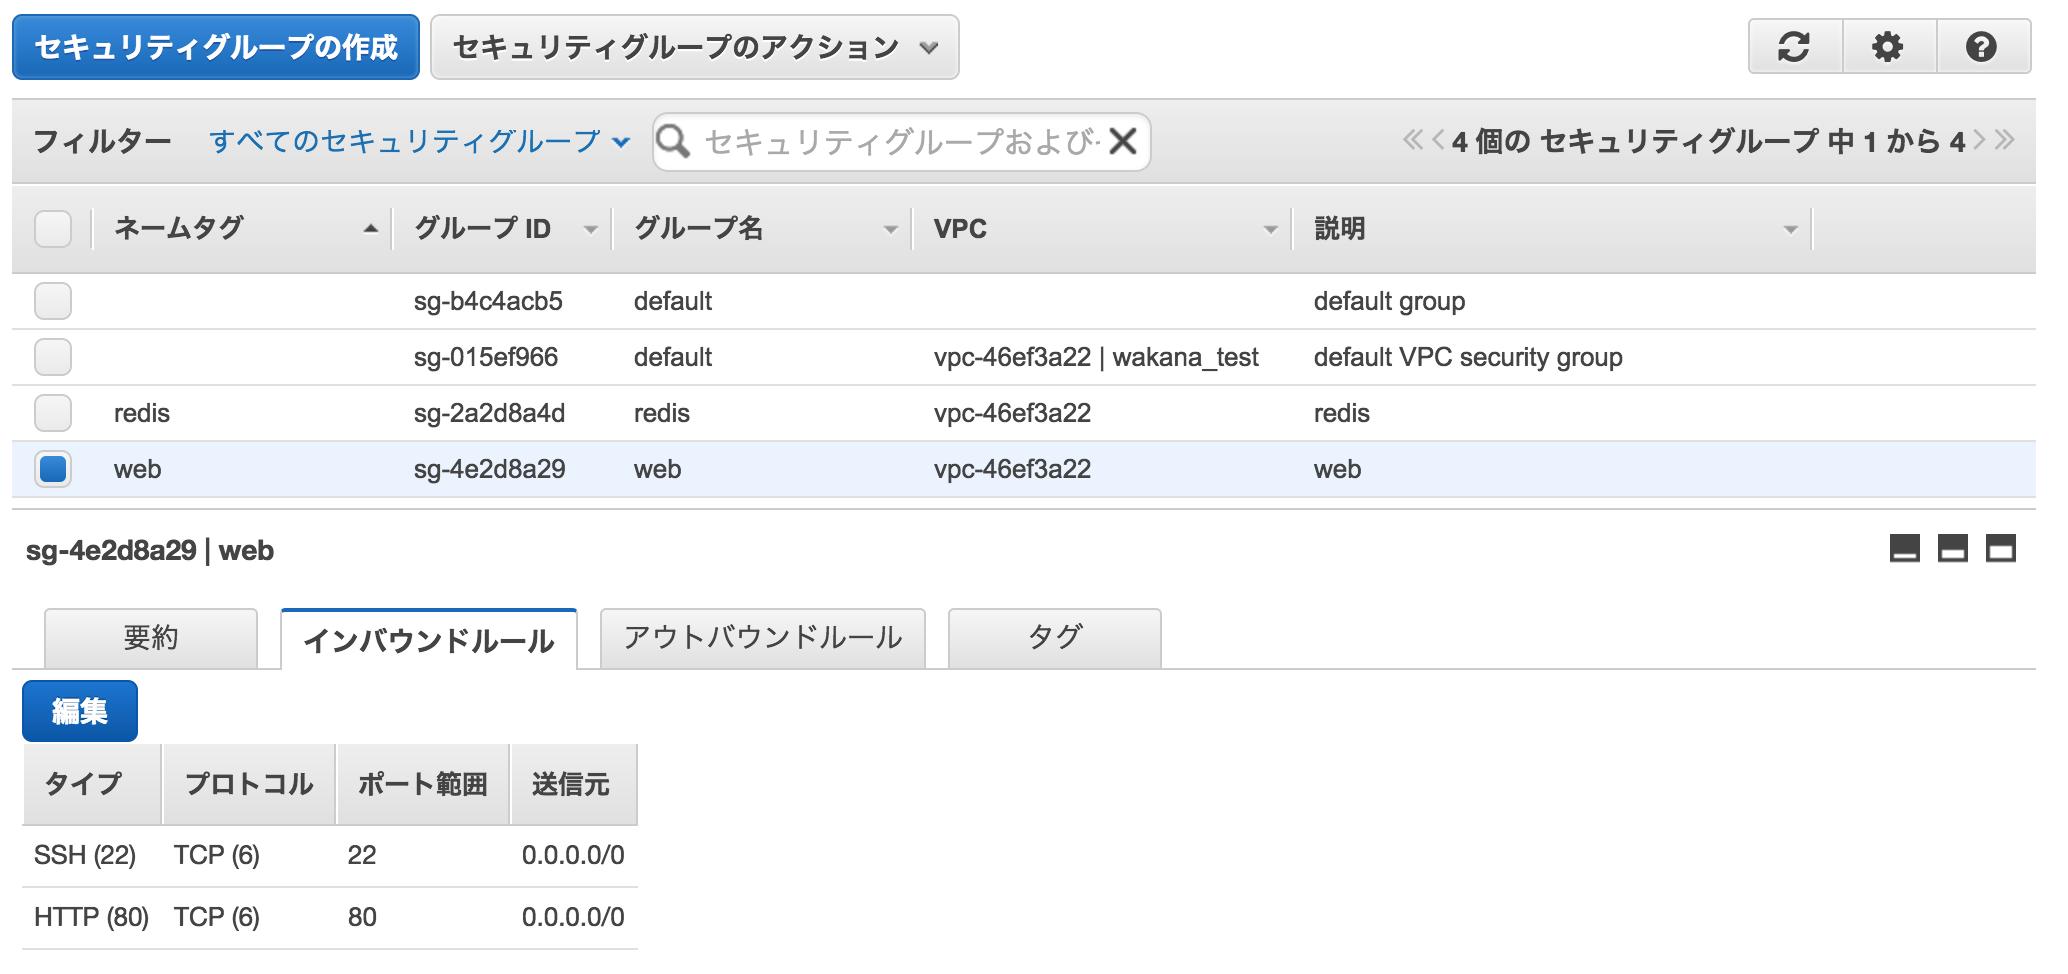 web用セキュリティグループインバウンド設定